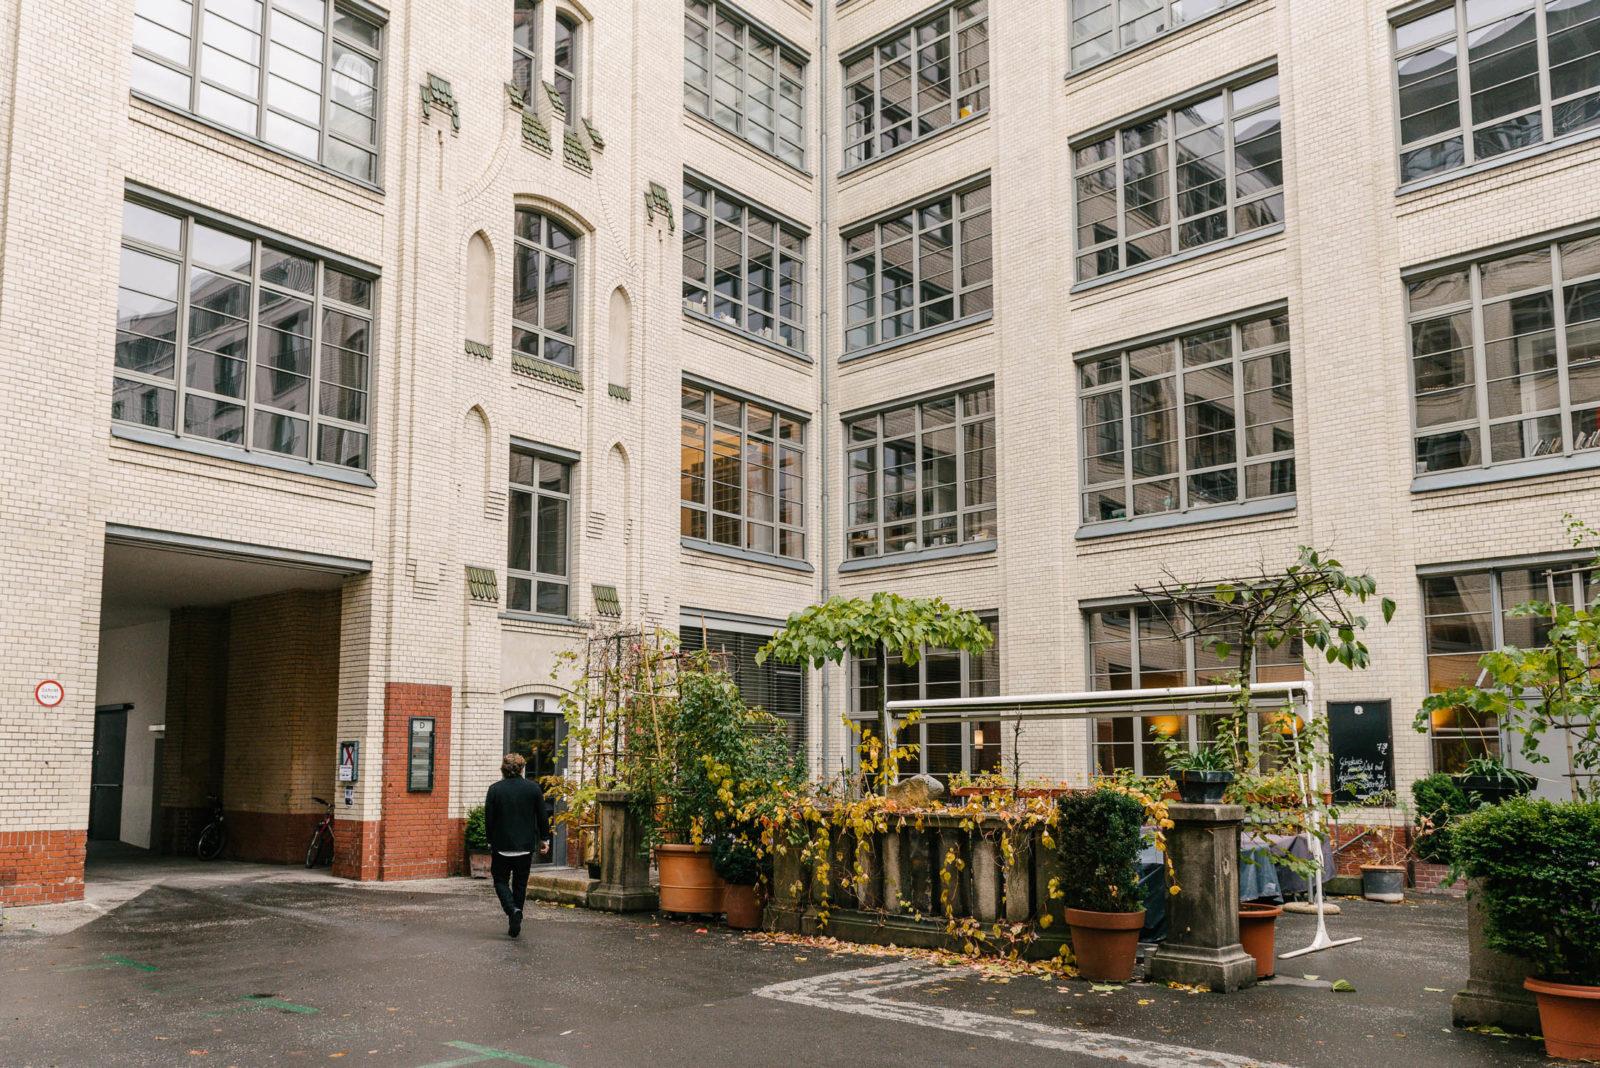 Weniger ist mehr: rchitekt Oke Hauser über die Zukunft urbanen ... size: 1600 x 1068 post ID: 5 File size: 0 B